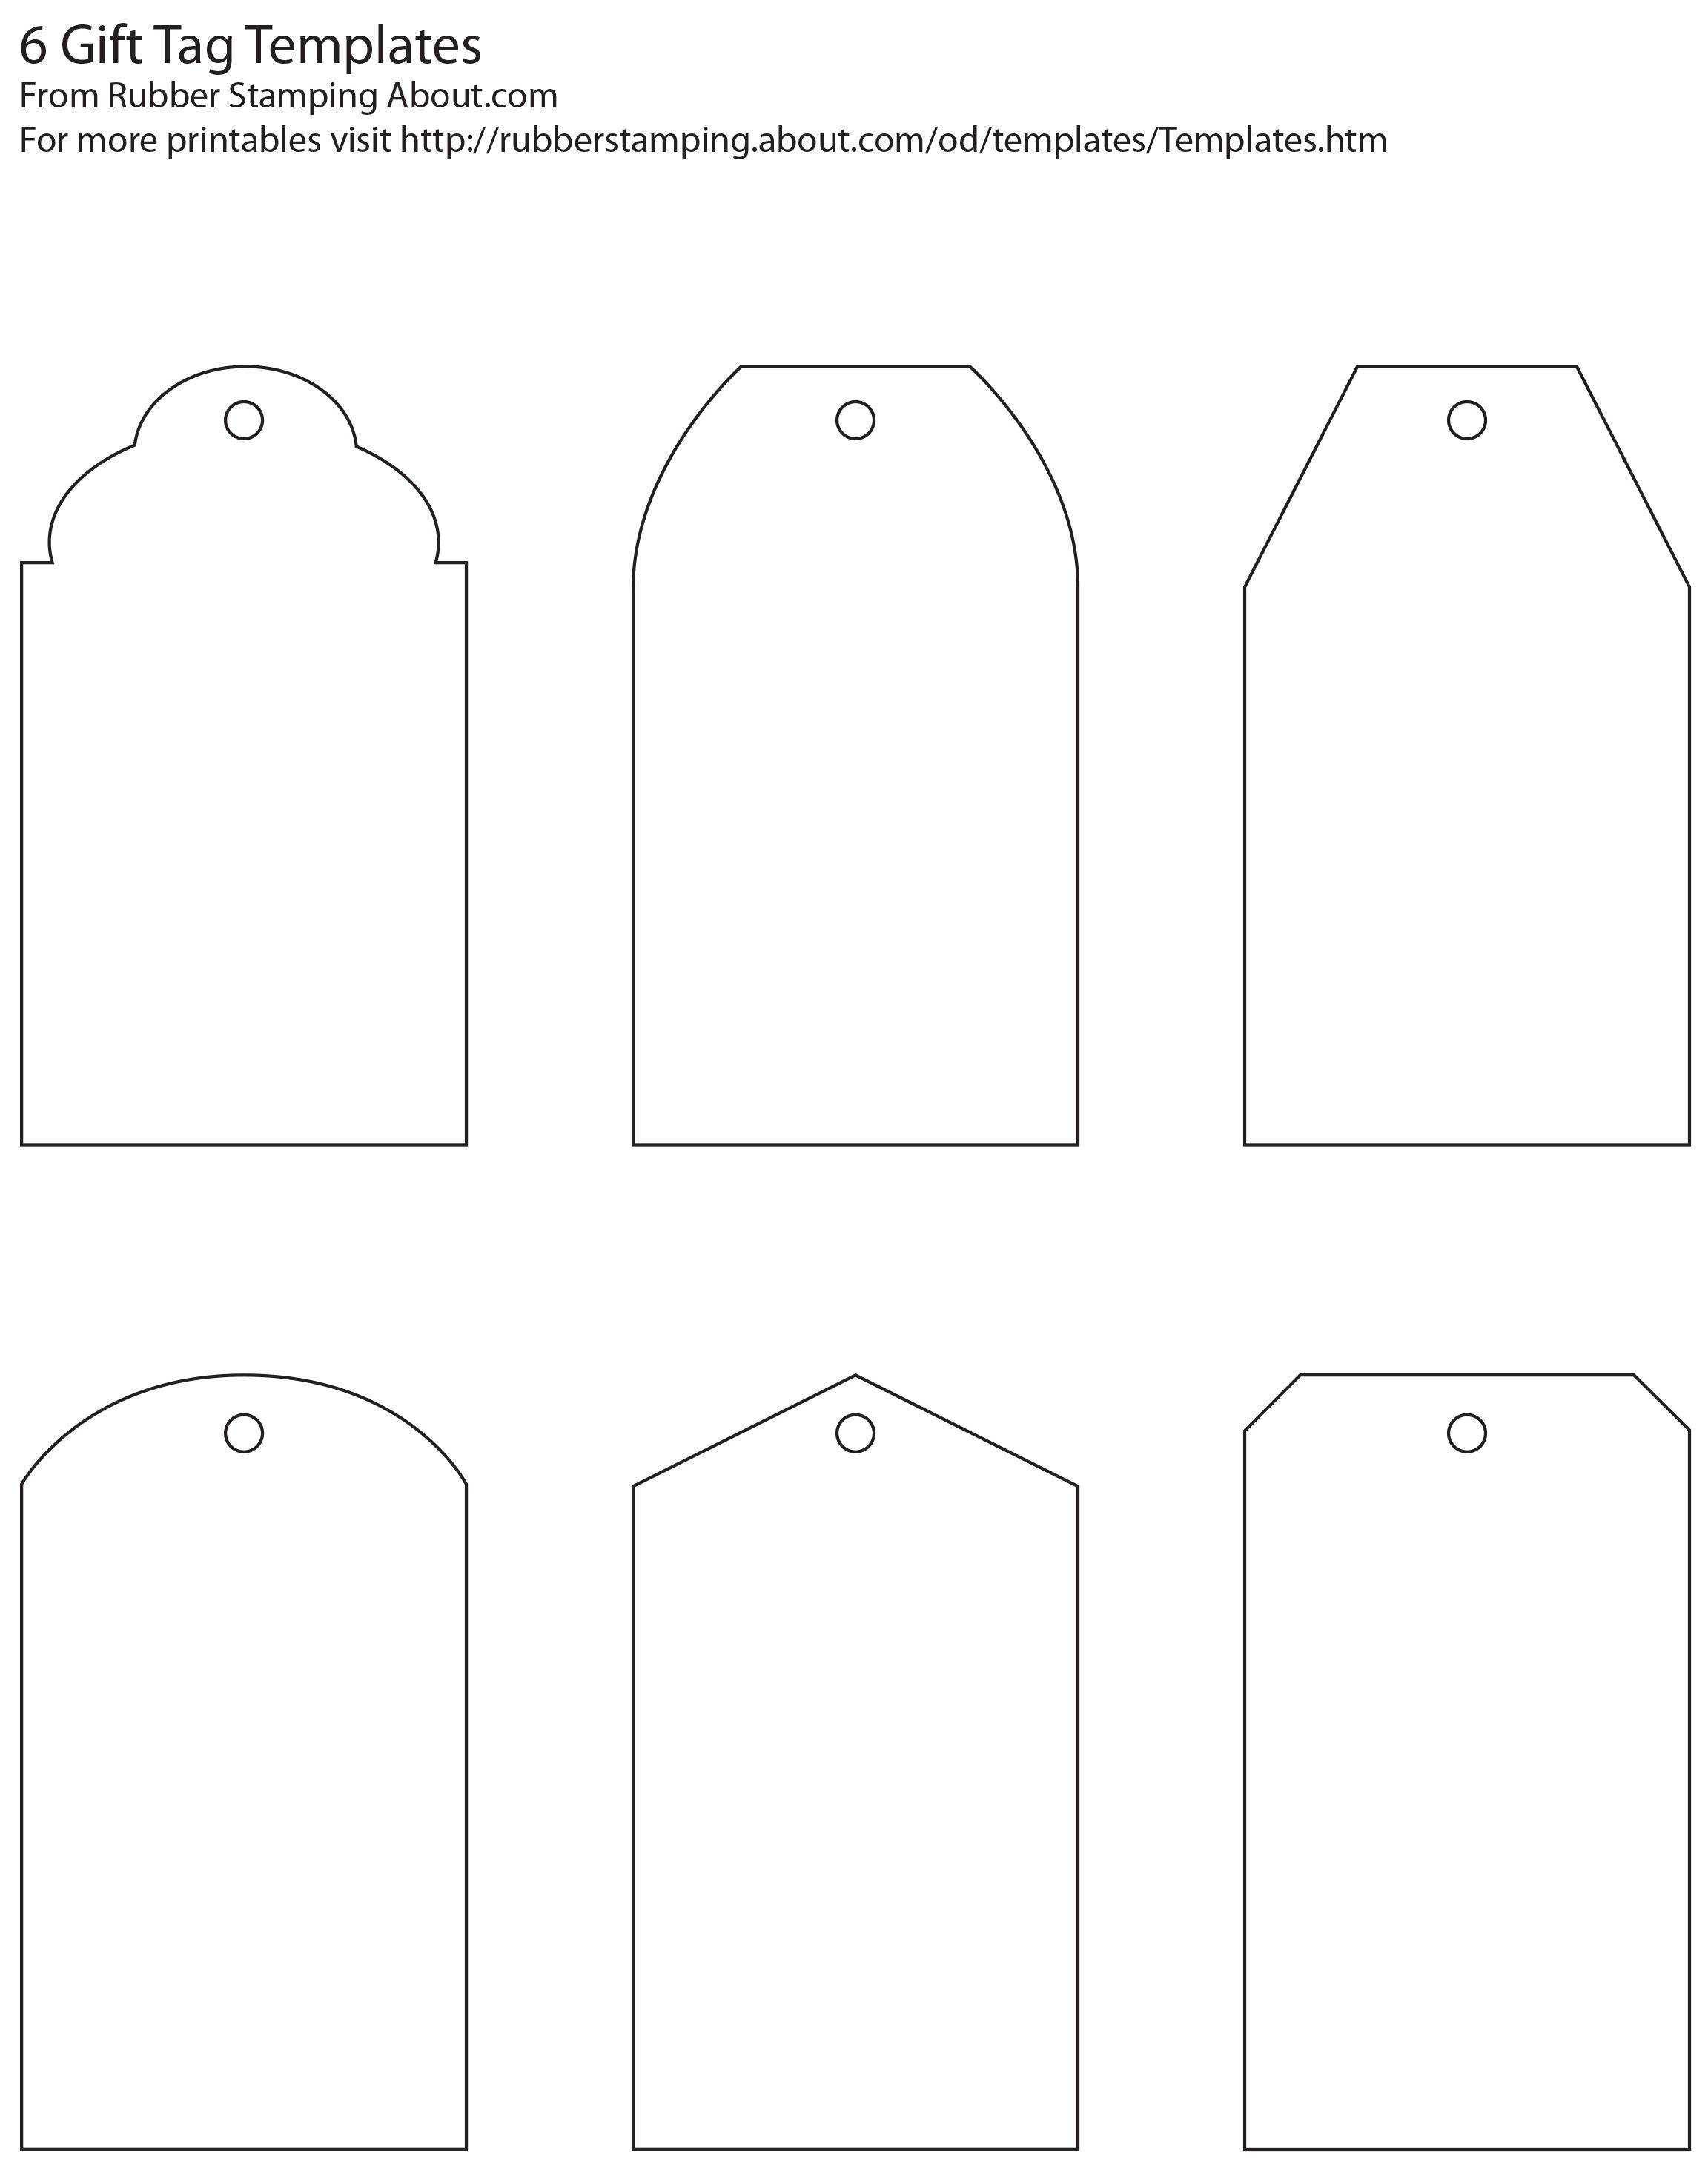 Free And Whimsical Printable Gift Tag Templates | Great Idea - Printable Gift Tags Customized Free